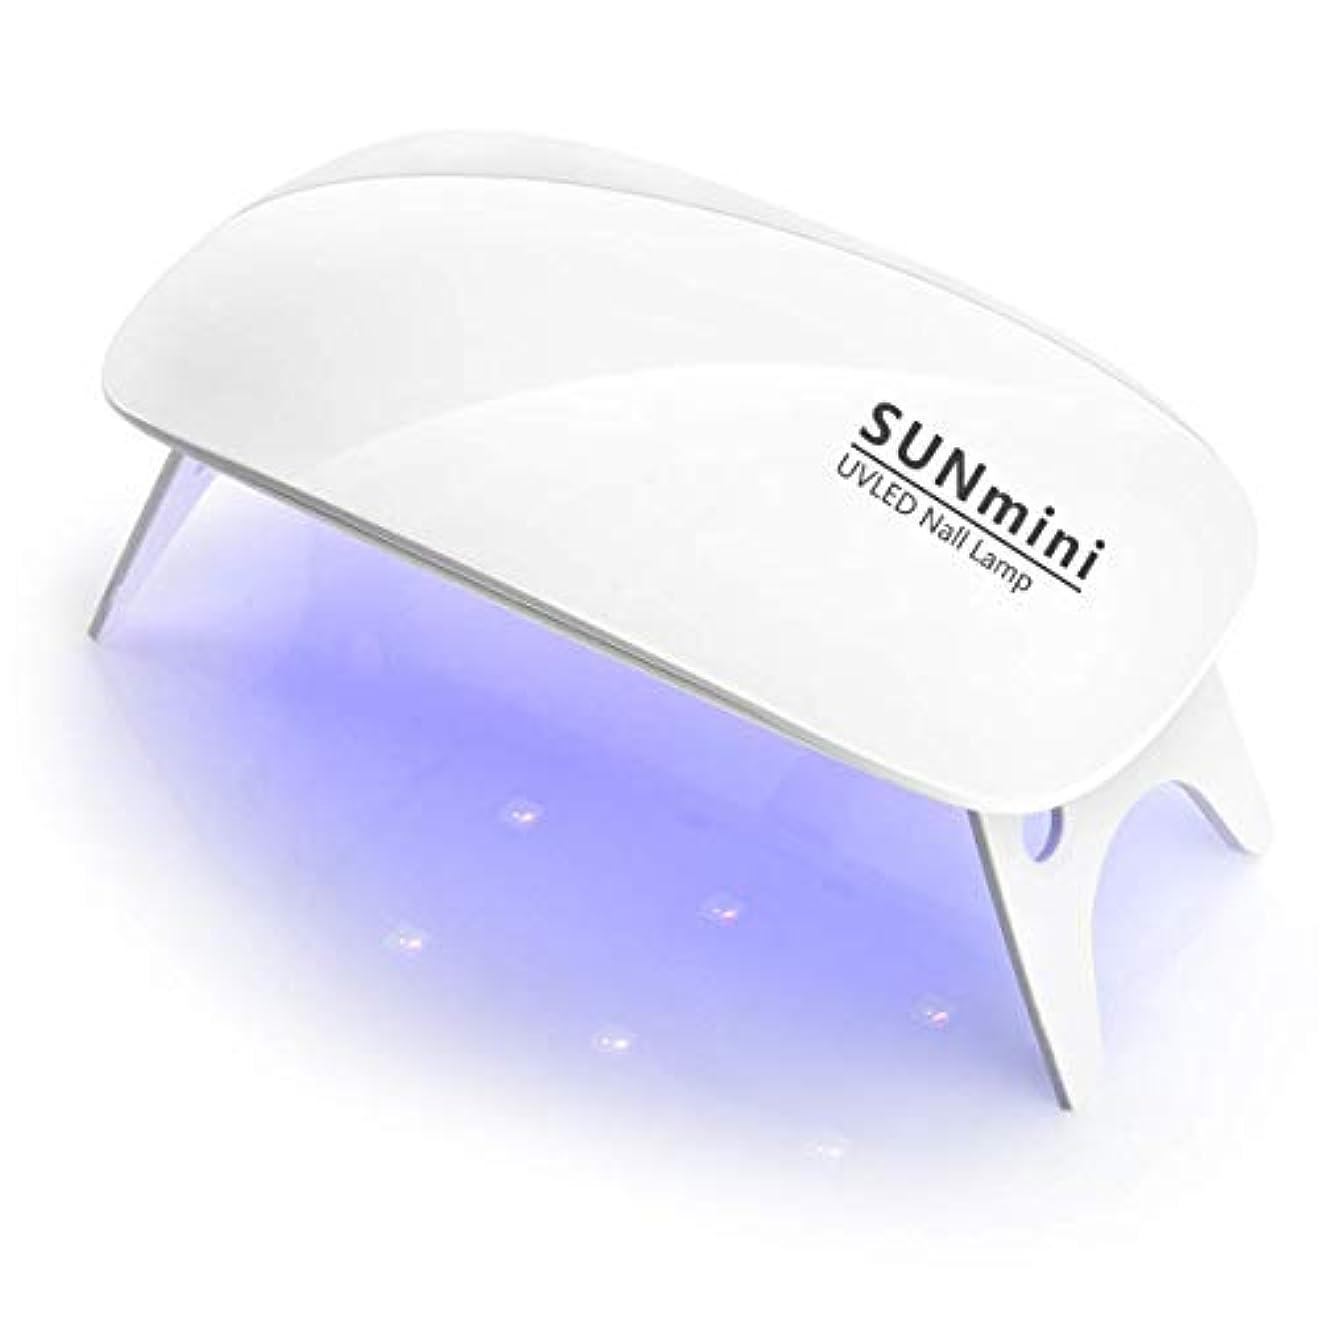 枕低いところでLEDネイルドライヤー LEDジェルネイルドライヤー UVライト  ジェルネイルライト usbライト OYANTEN 硬化ライト LED タイマー設定可能 折りたたみ式 軽量 持ち運び便利(ホワイト ネイルファイルが付け)